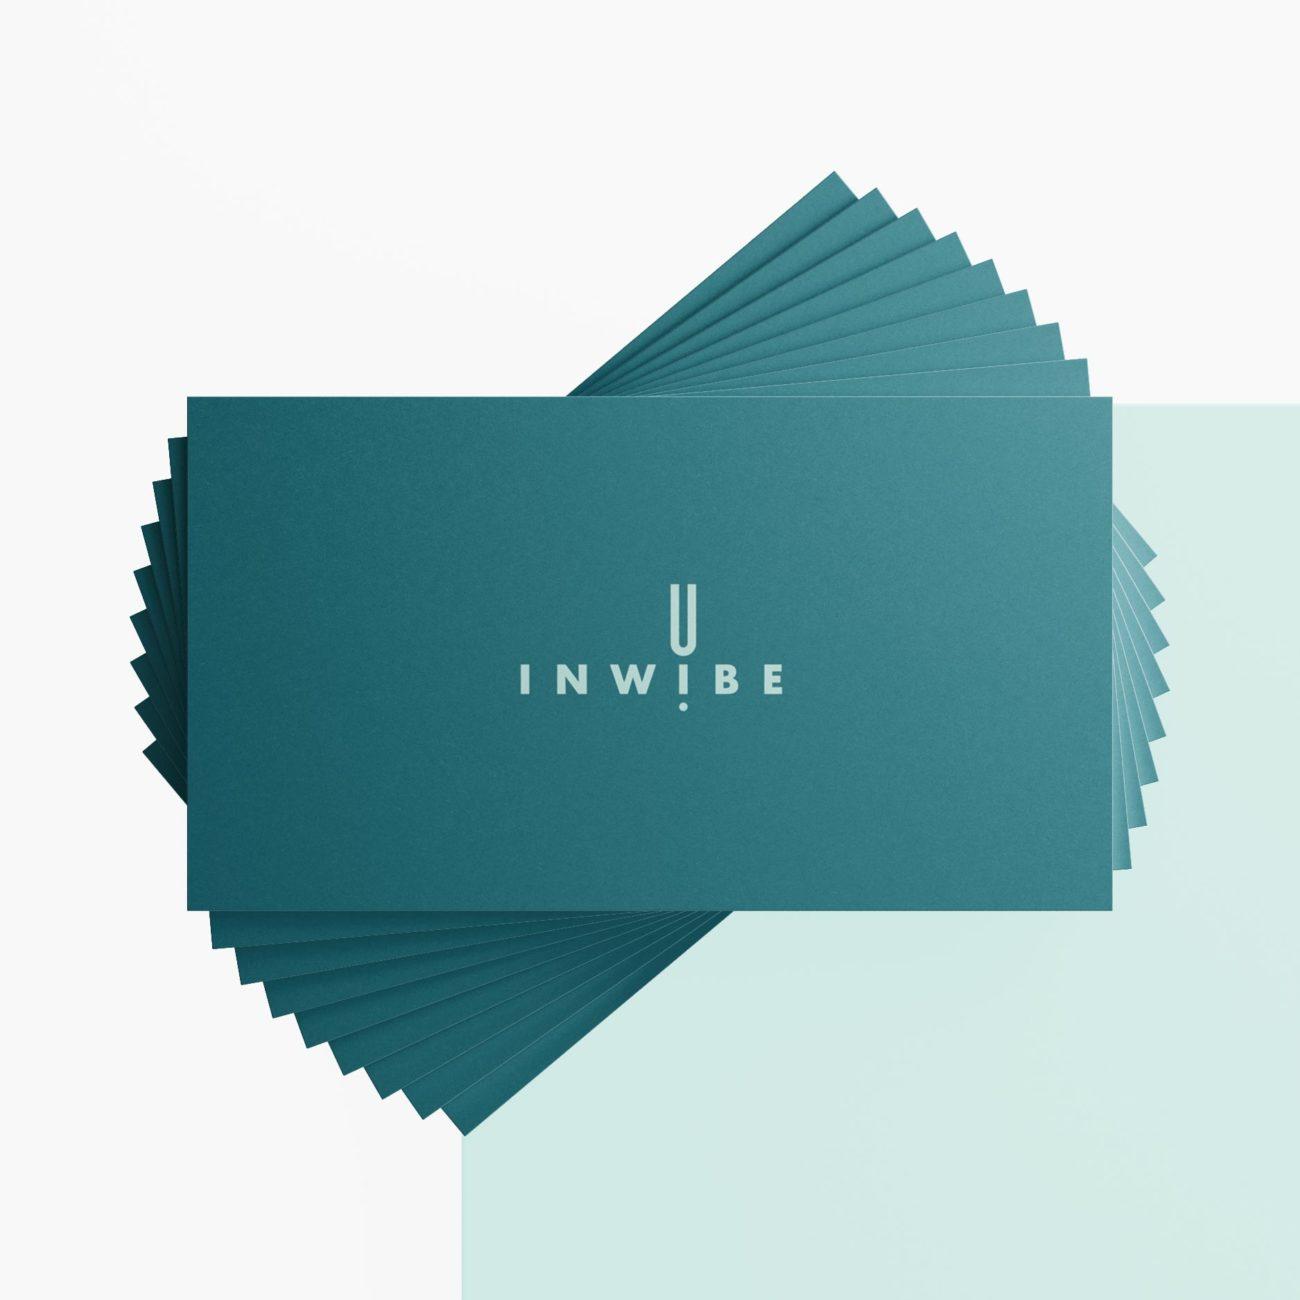 Inwibe progetto grafico identità visiva